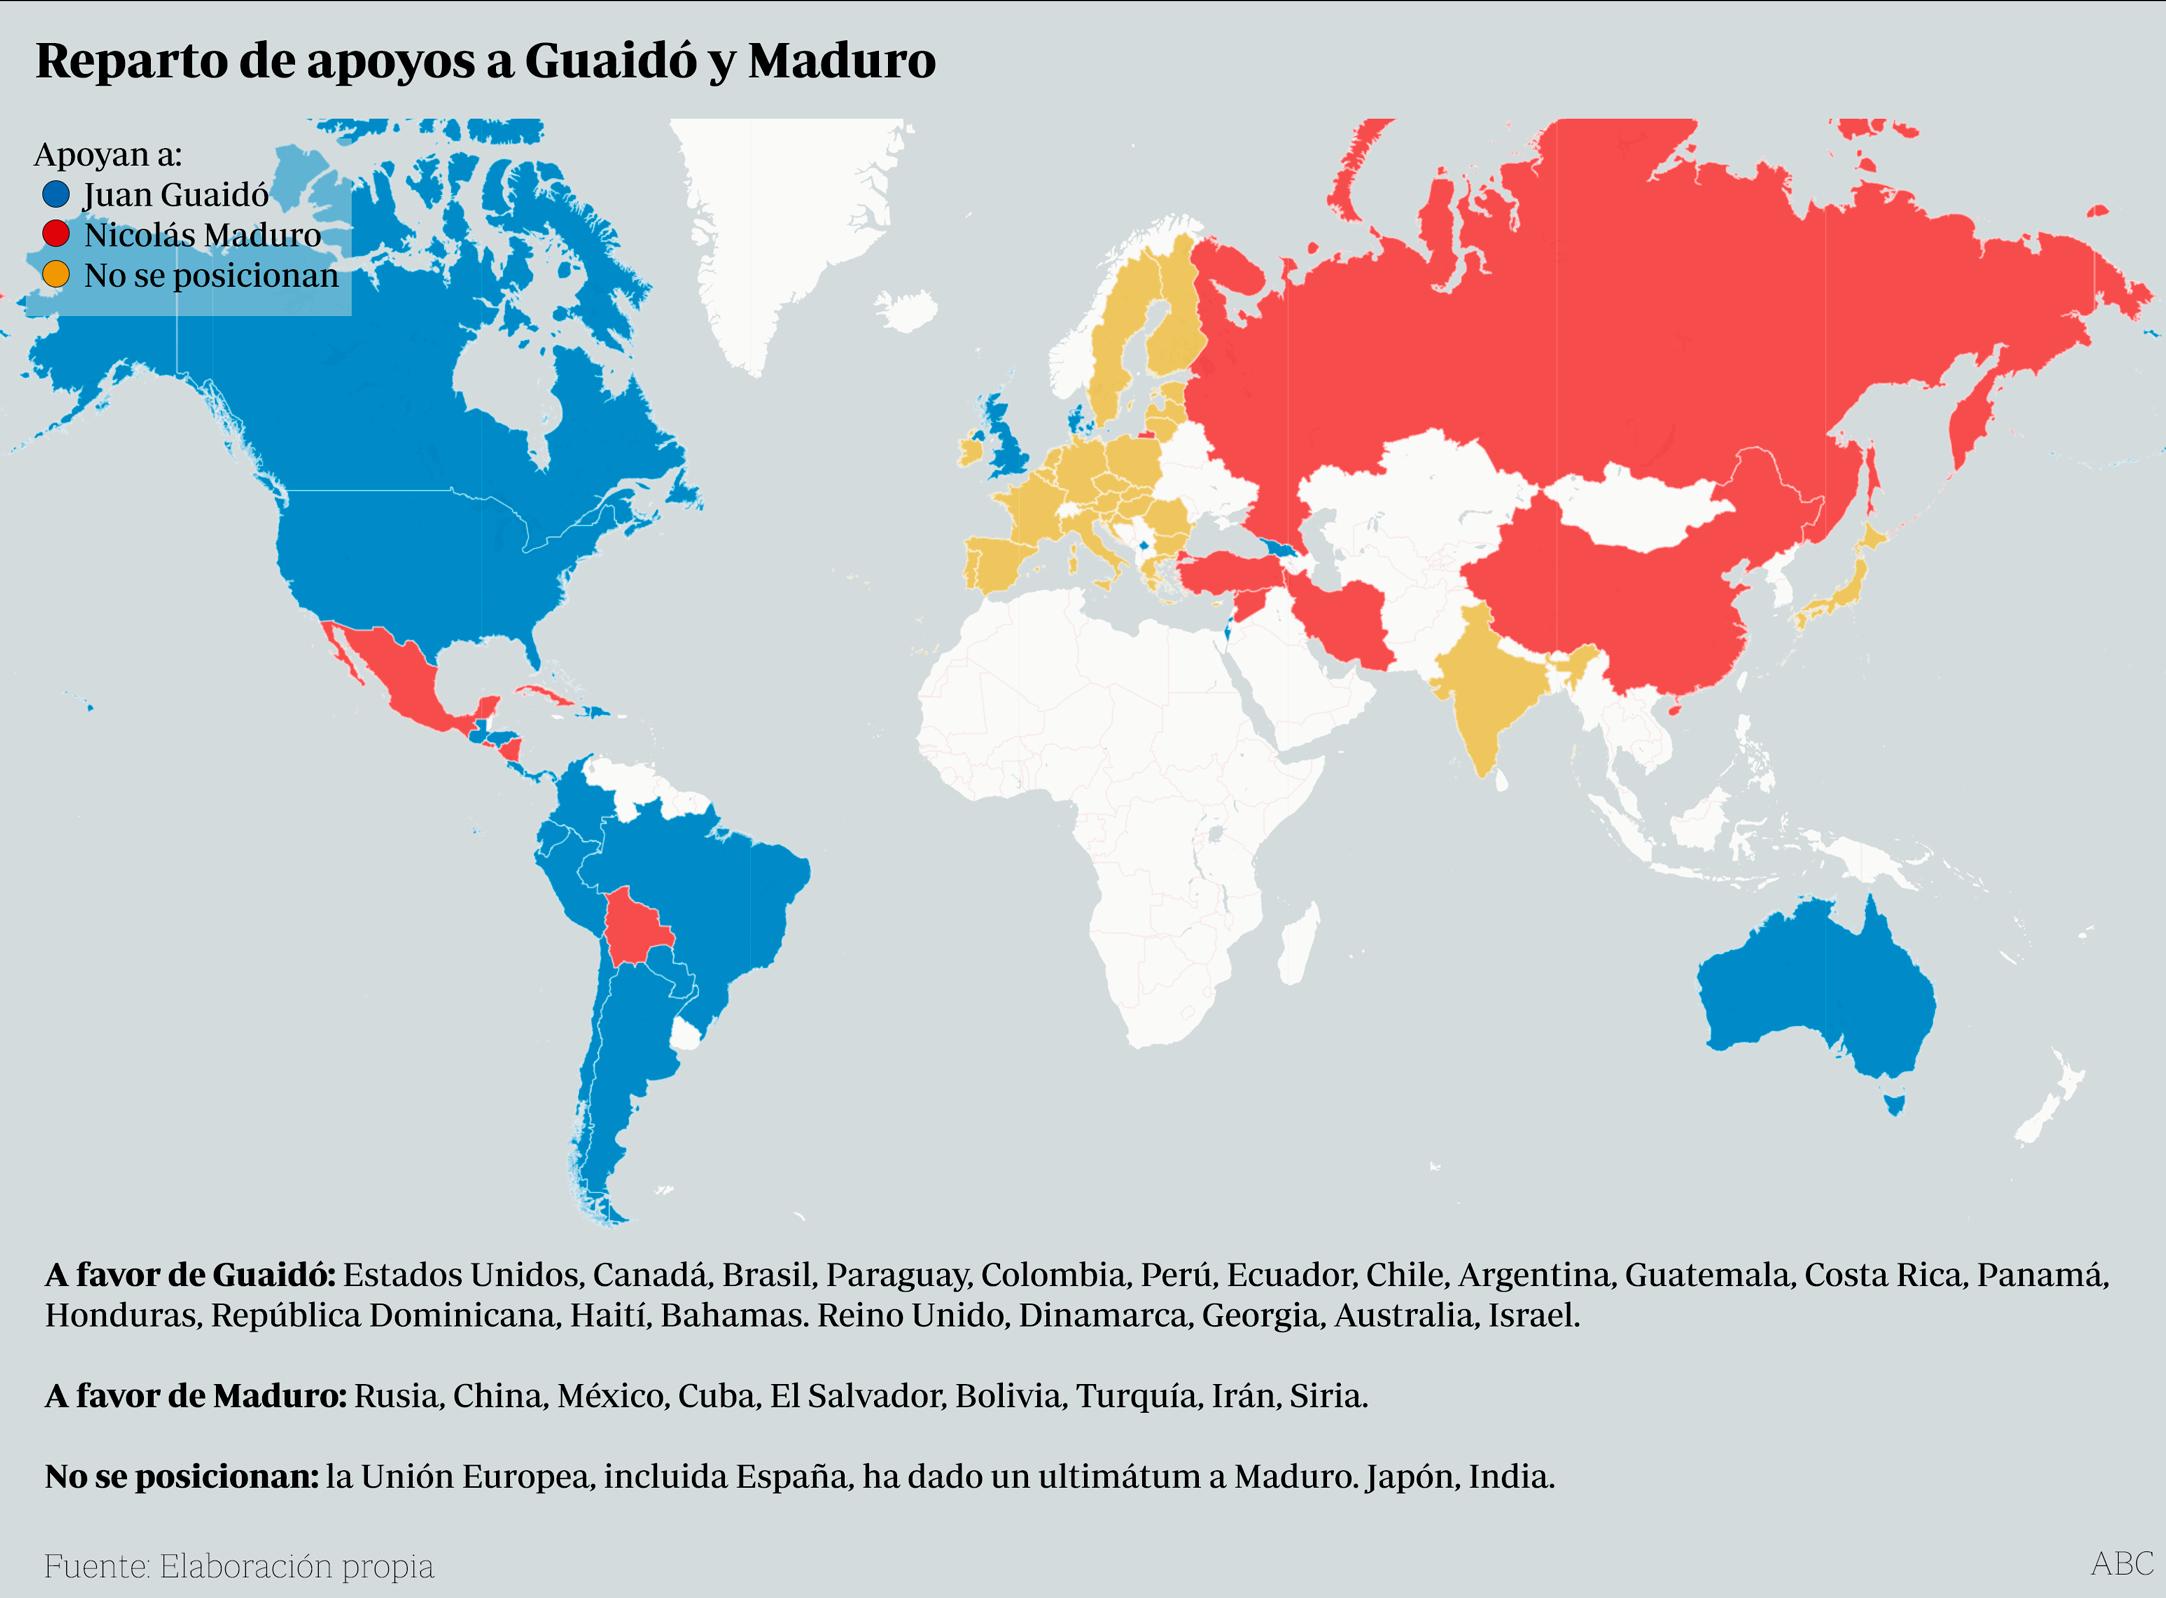 Países que apoyan a Guaidó o a Maduro